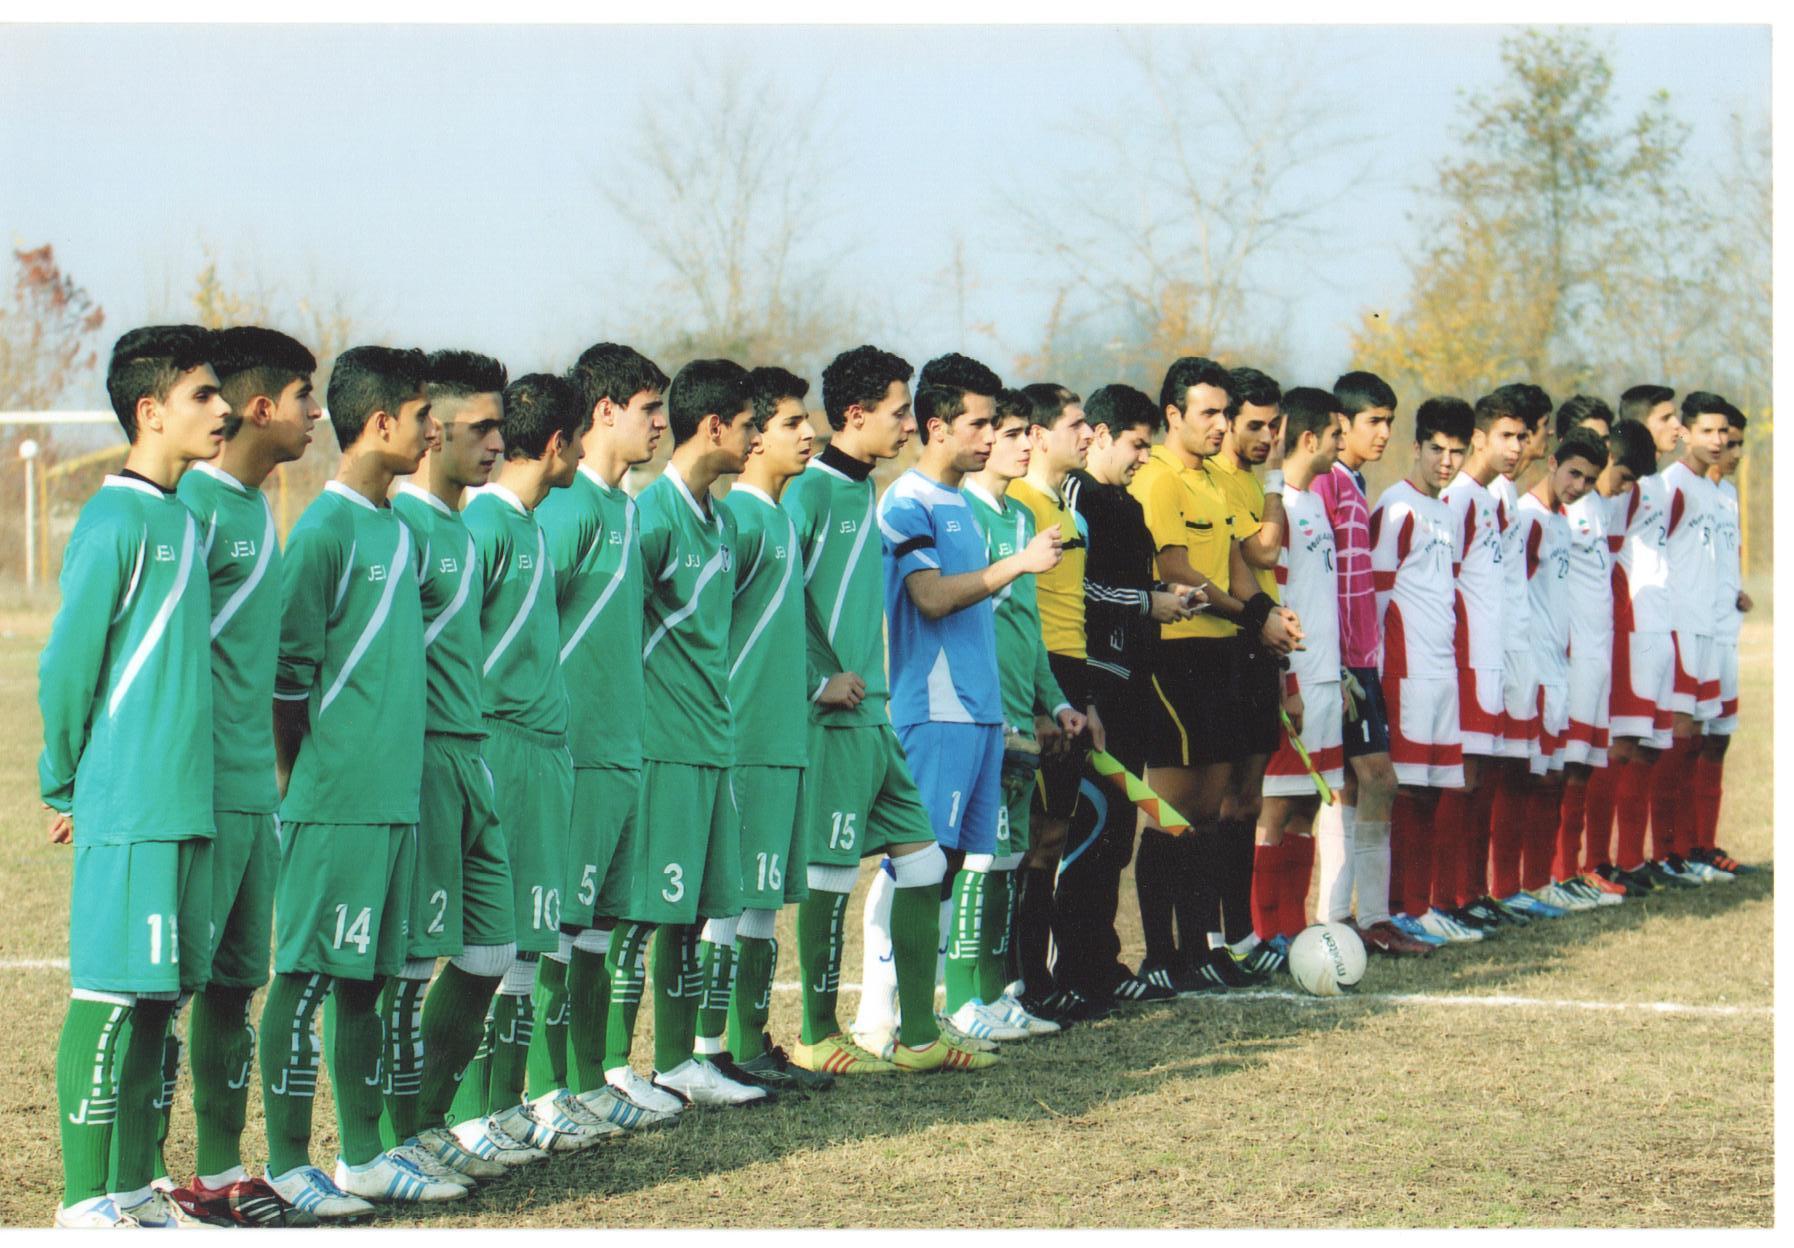 باشگاه ملوان انزلی 95 96 نوجوانان کشور - امید سپیدرود رشت فصل 95-96